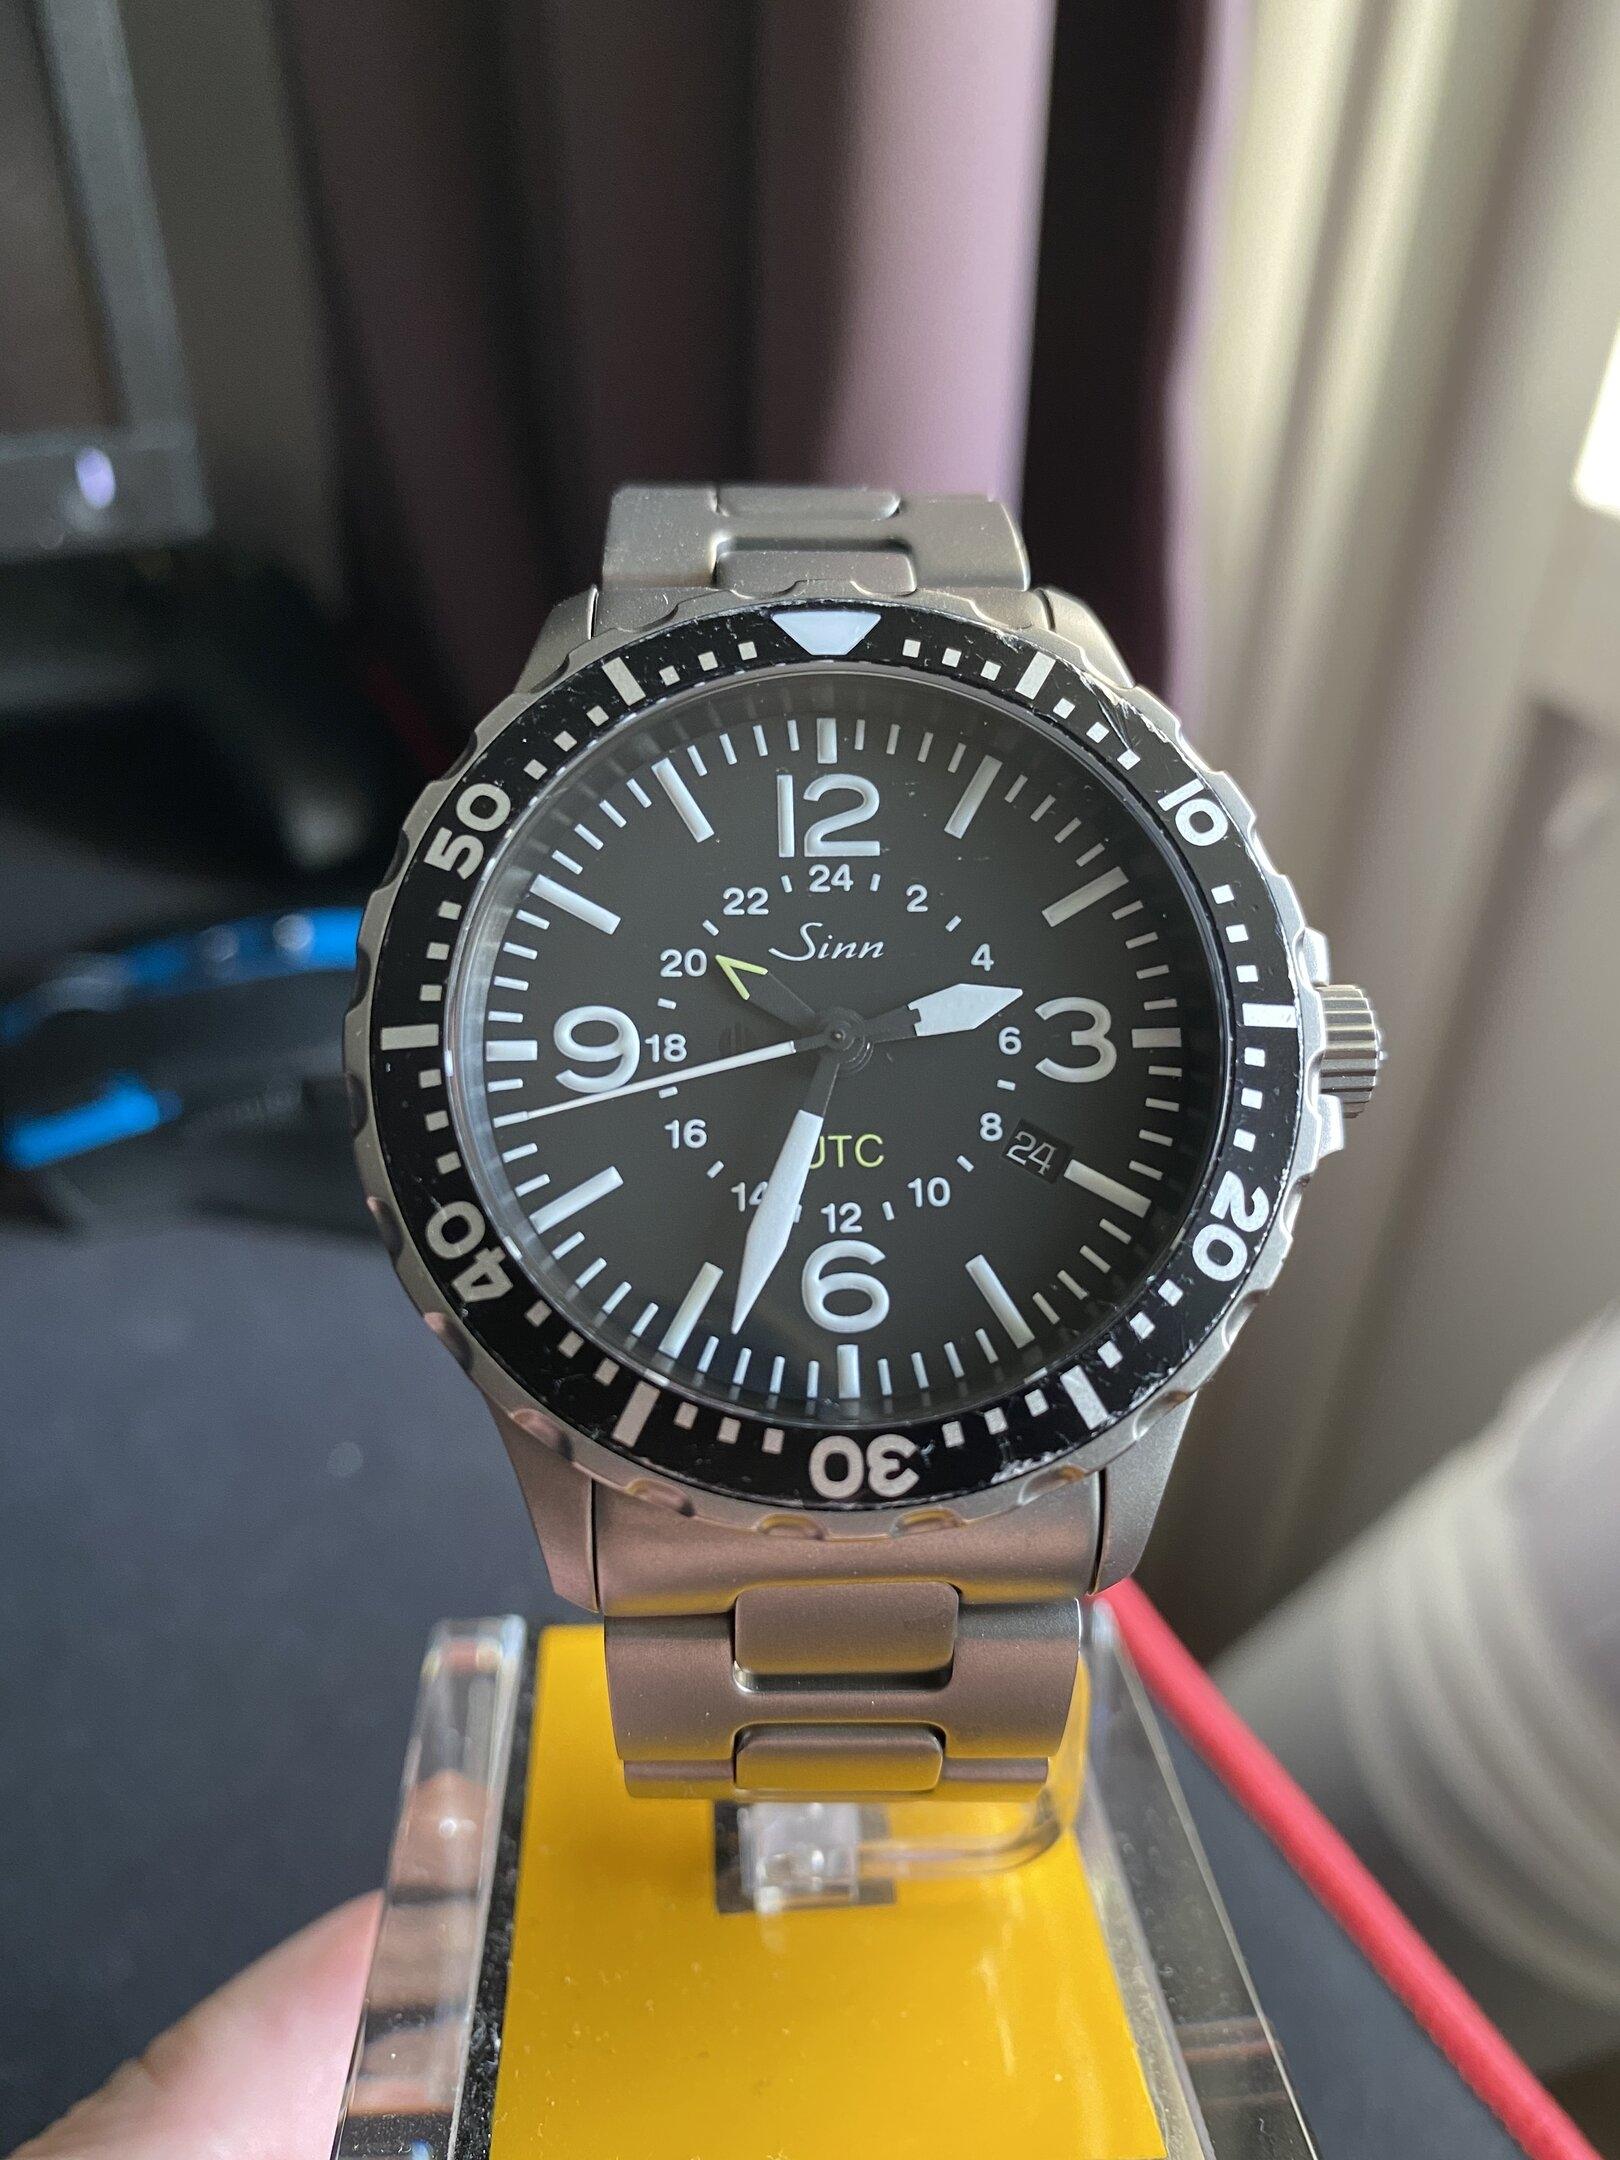 B1F6A836-4500-412A-9352-3D4F70673AD4.jpeg